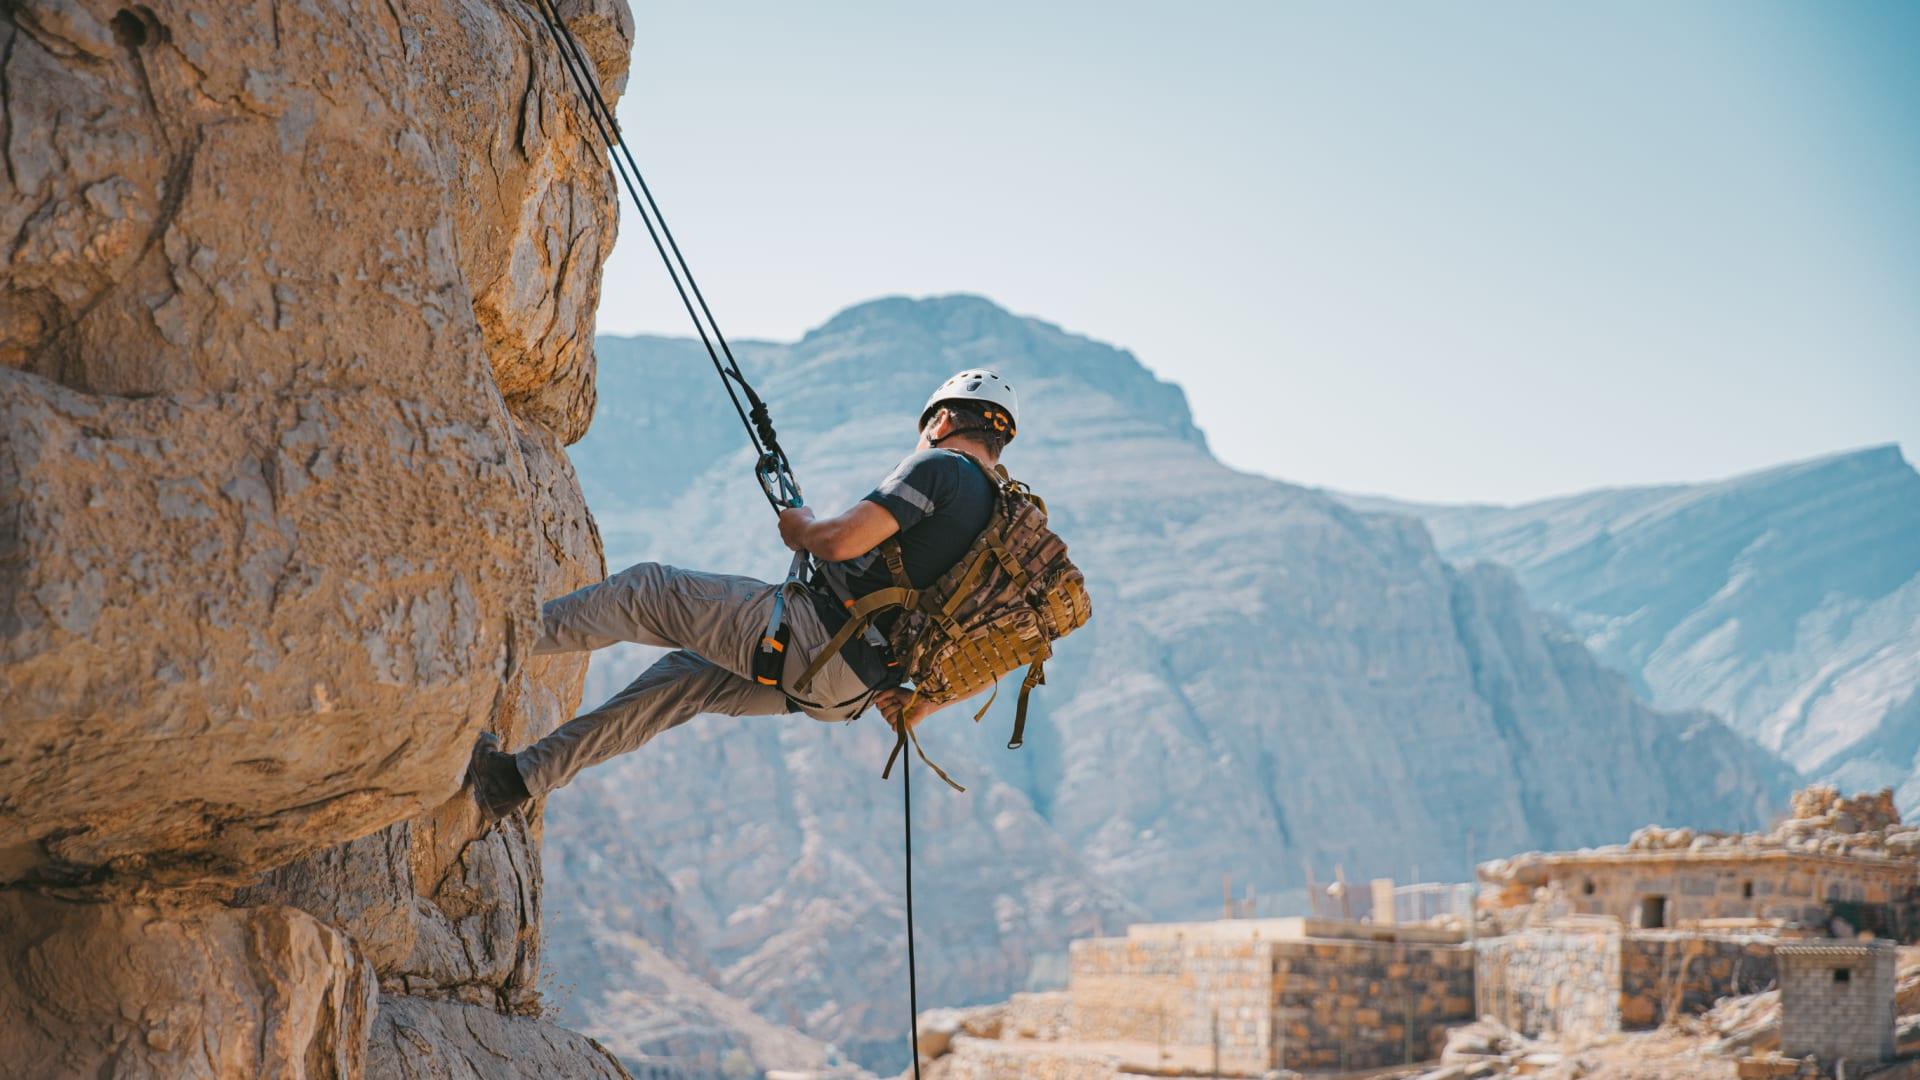 """منها تناول الحشرات.. هذا ما ينتظرك في معسكر """"بير جريلز"""" للمستكشفين بأعلى قمة جبلية في الإمارات"""